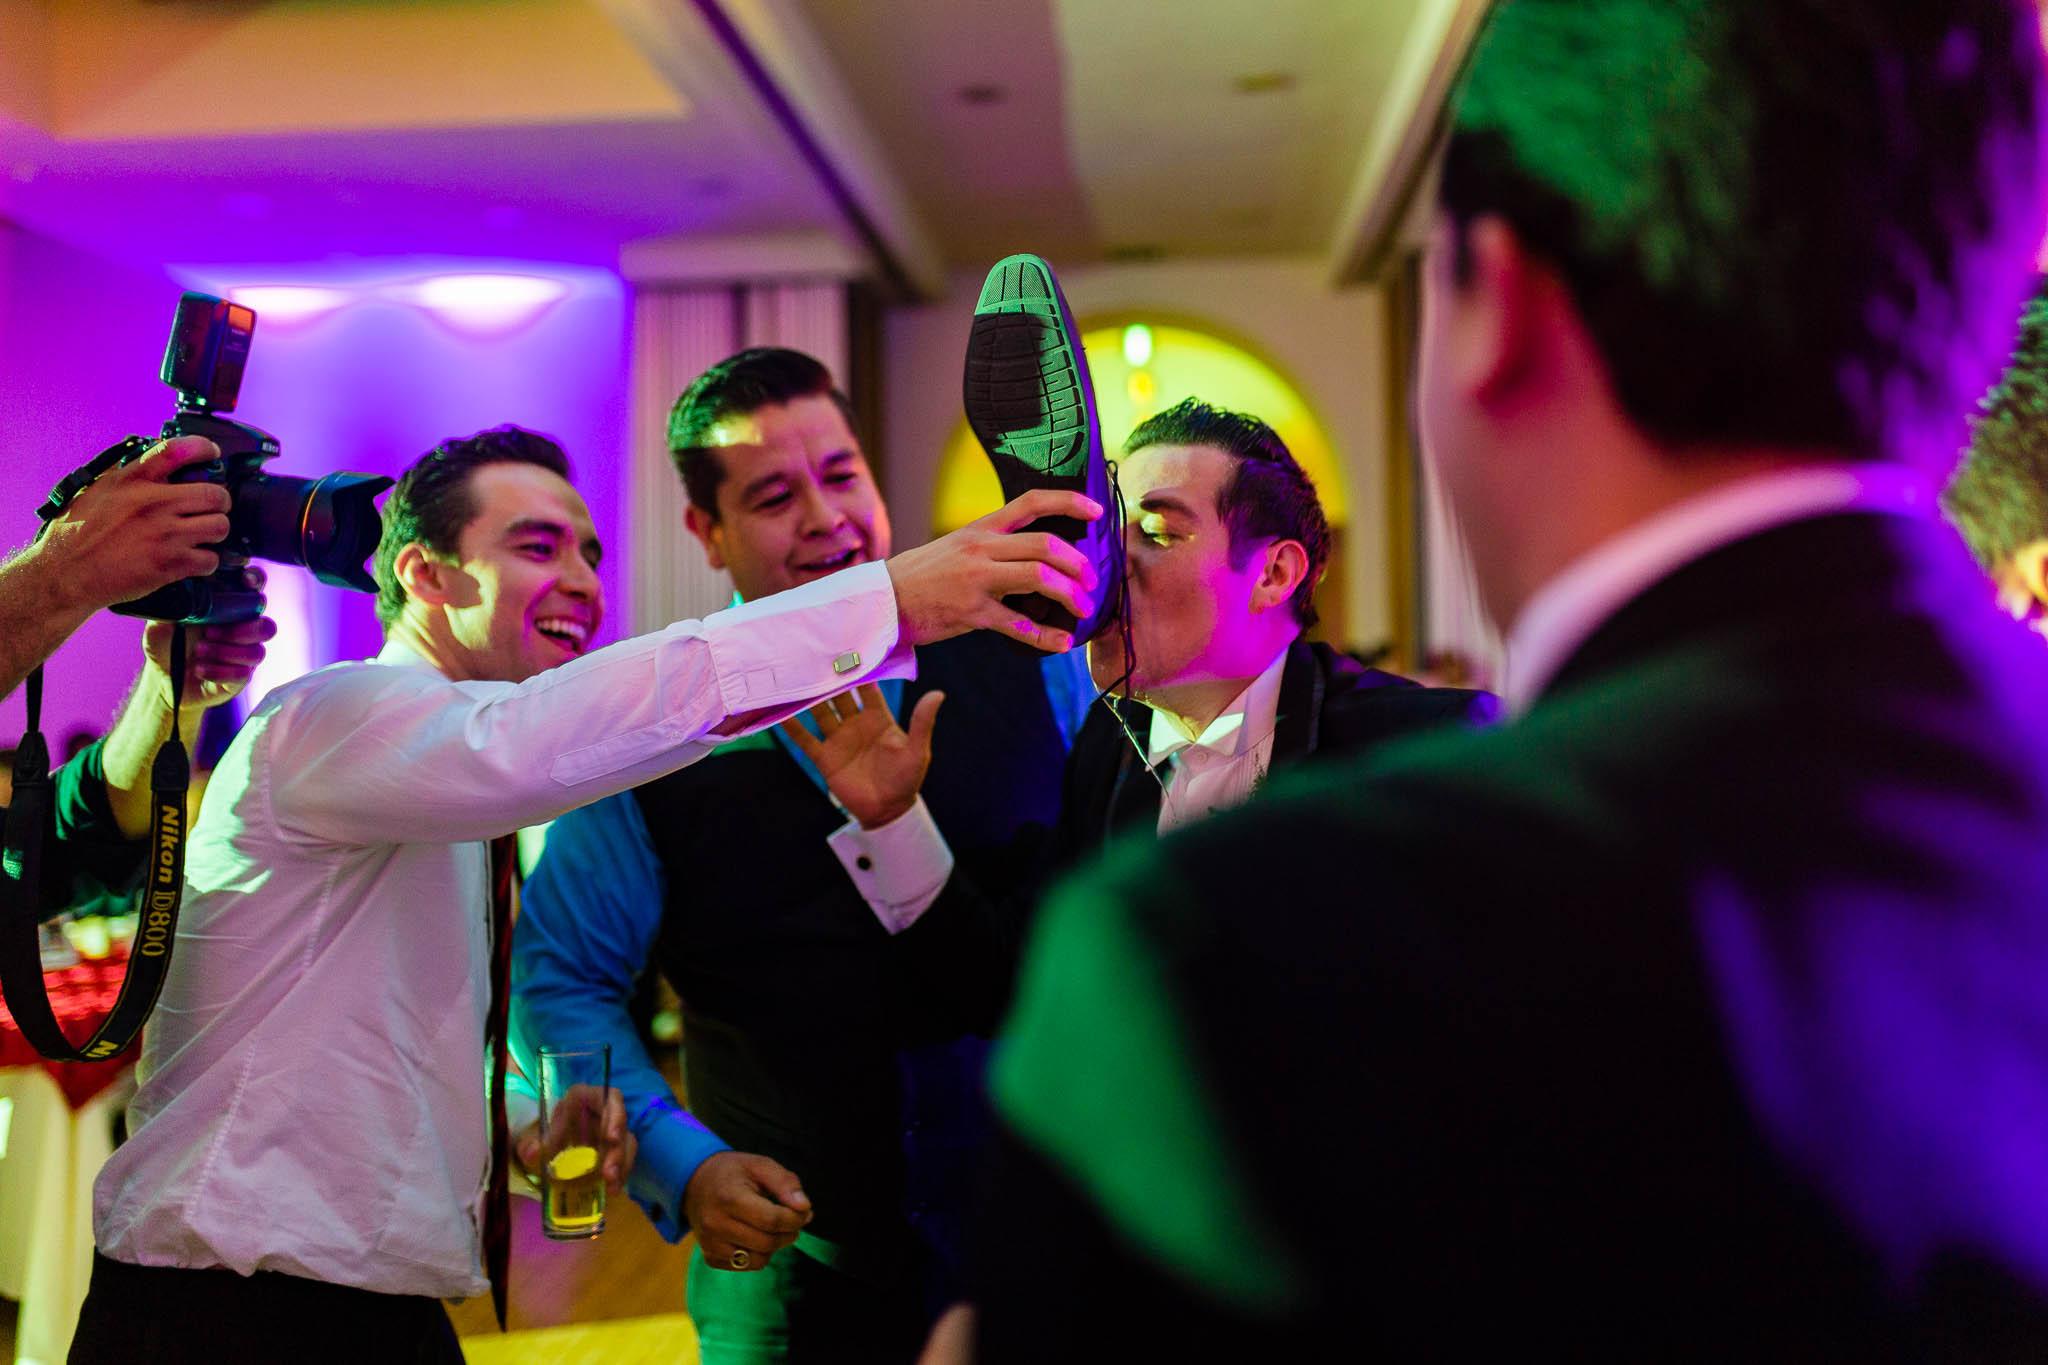 fotografo de bodas san luis potosi boda mexico wedding destination fotos de boda 261